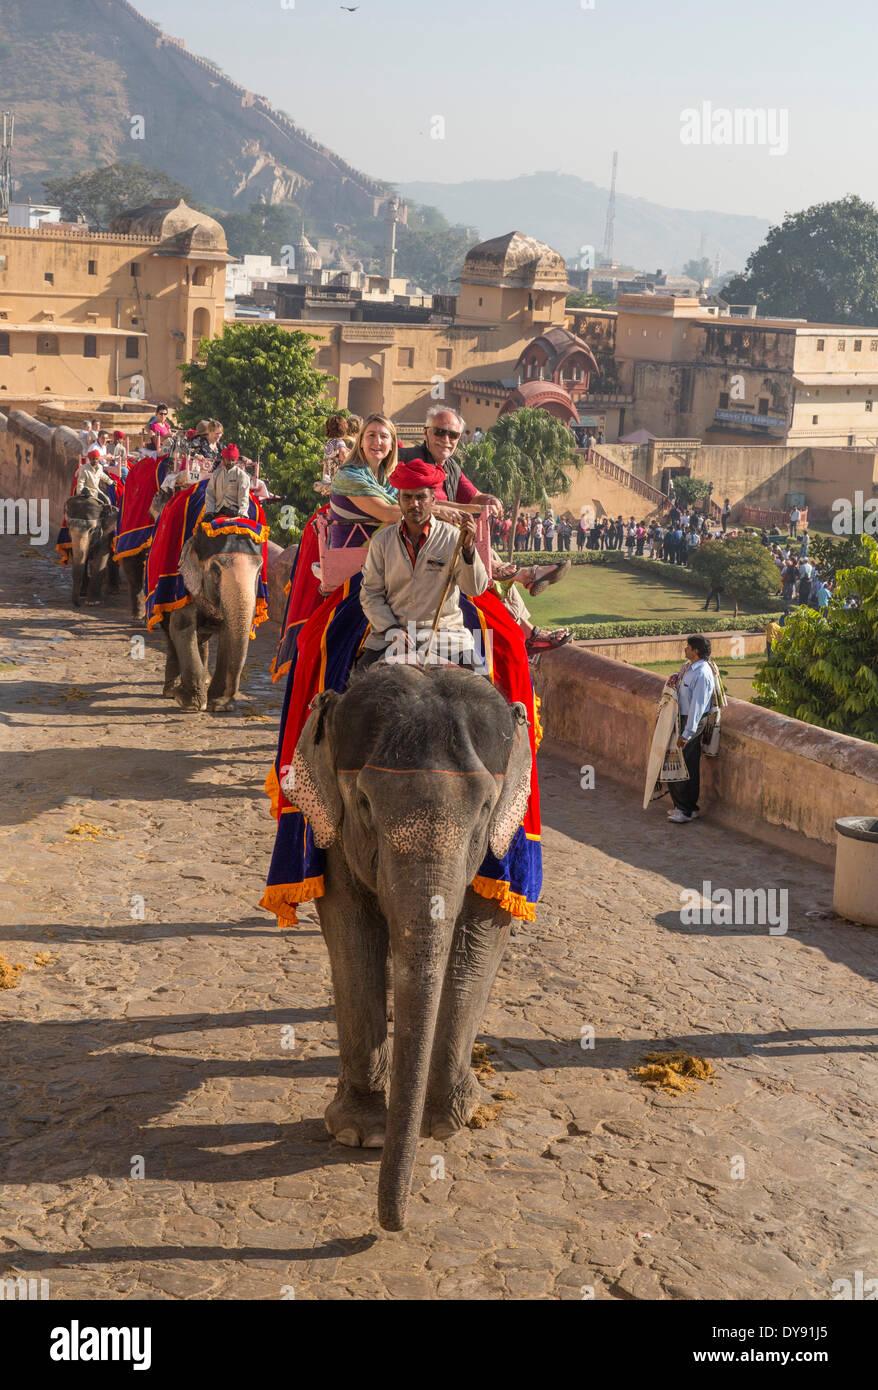 Touristen, Fahrt, Fort, Amber, Elefant, Elefanten, Asien, Indien Rajasthan, Amber, Jaipur, Stockbild